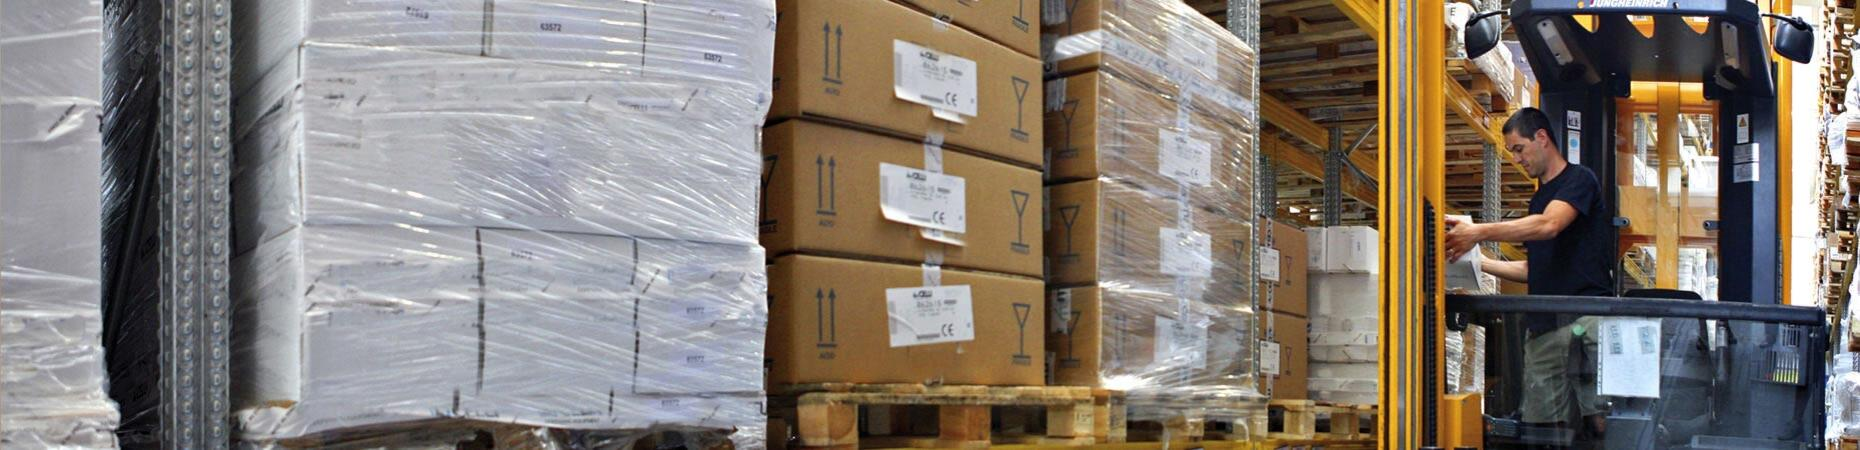 ecoservice-ancona it servizi-logistica-magazzino-ancona 005